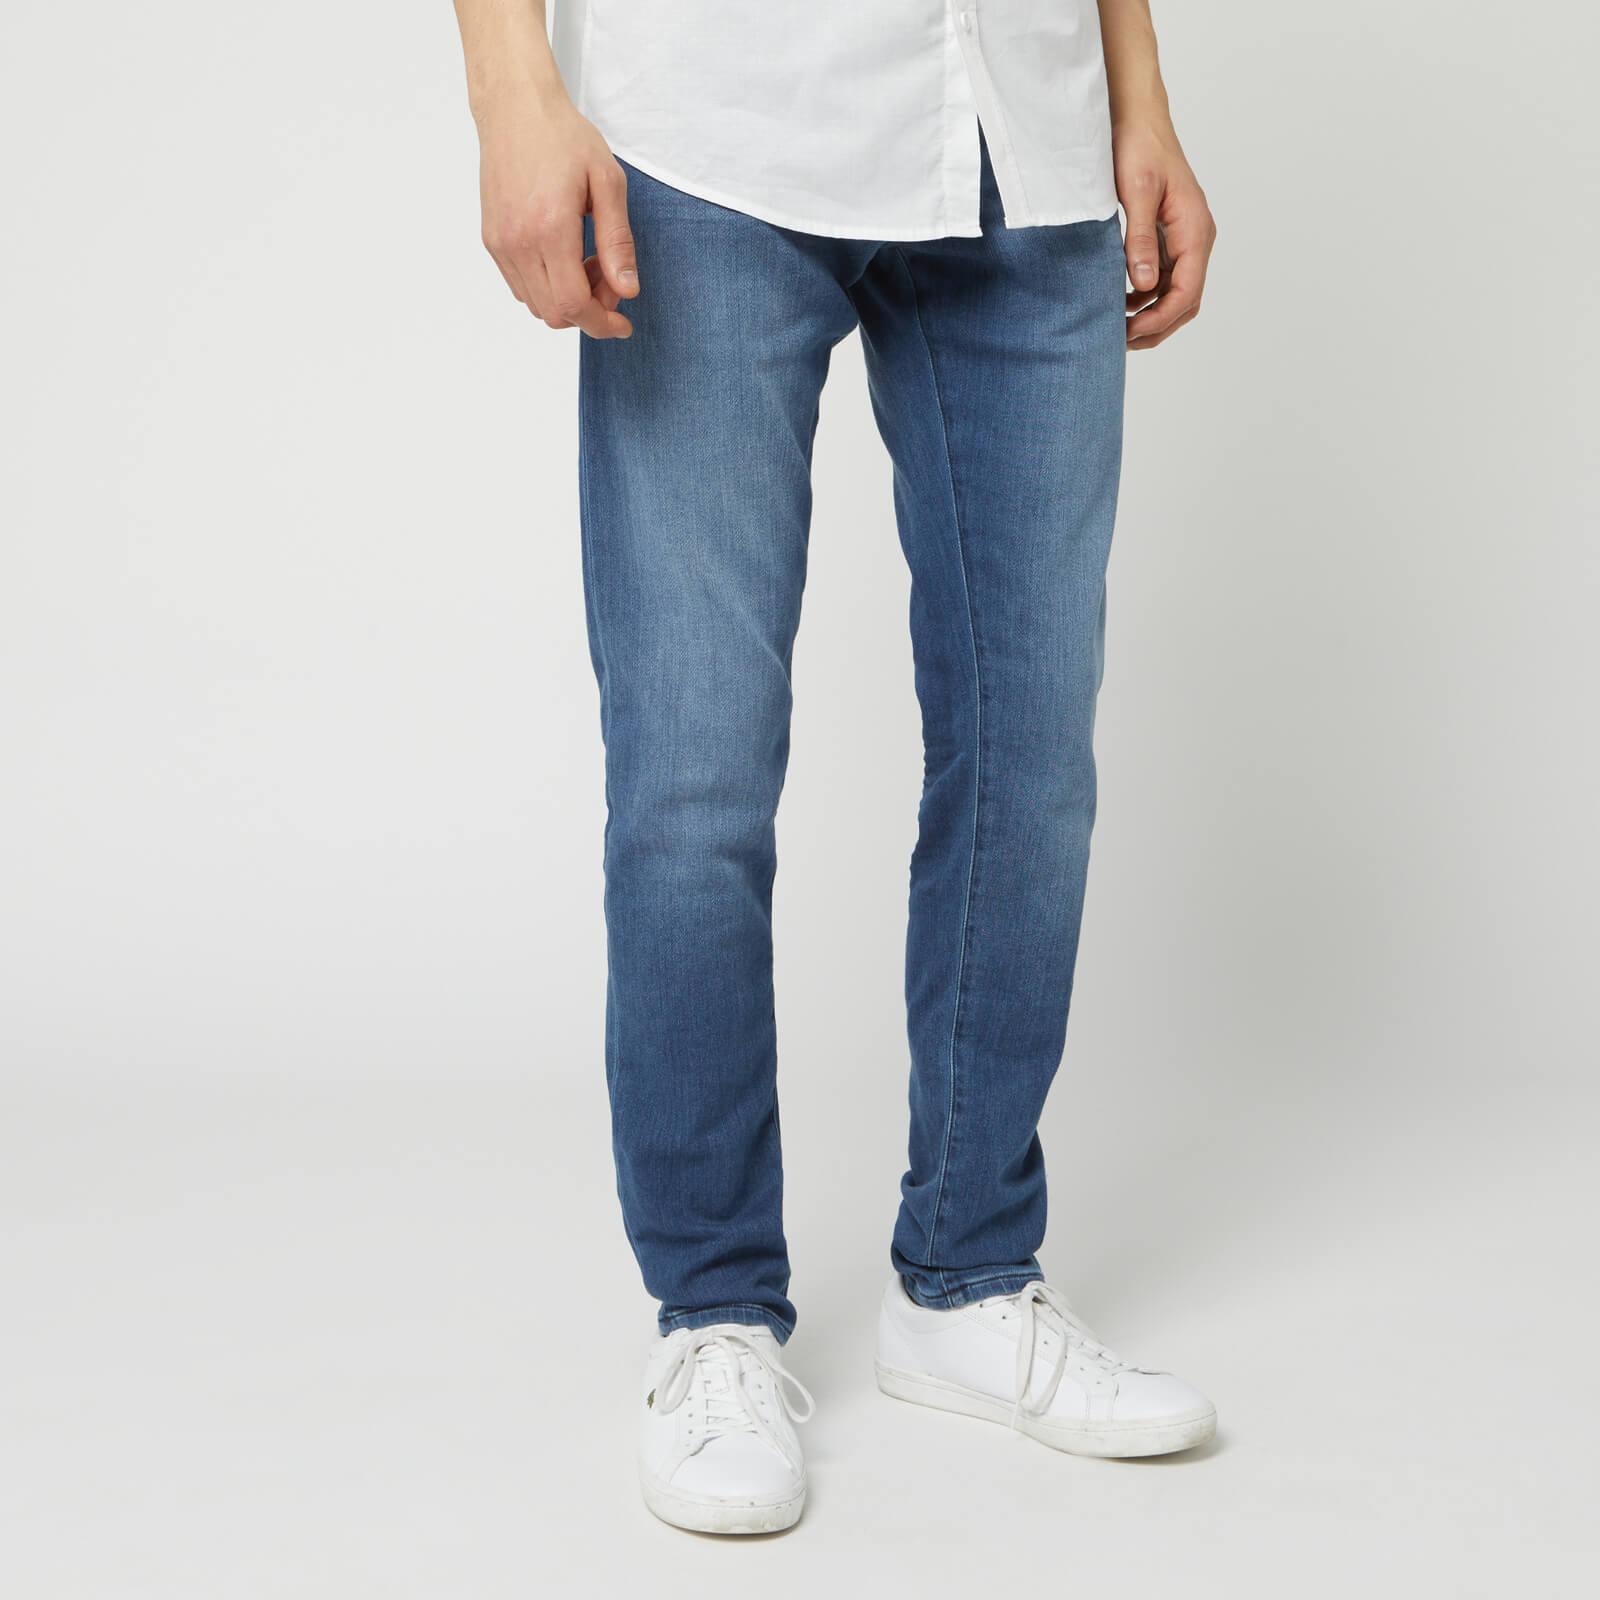 Rich /& royal Jeans W 27 28  L32 Skinny Fit   braun  NEU